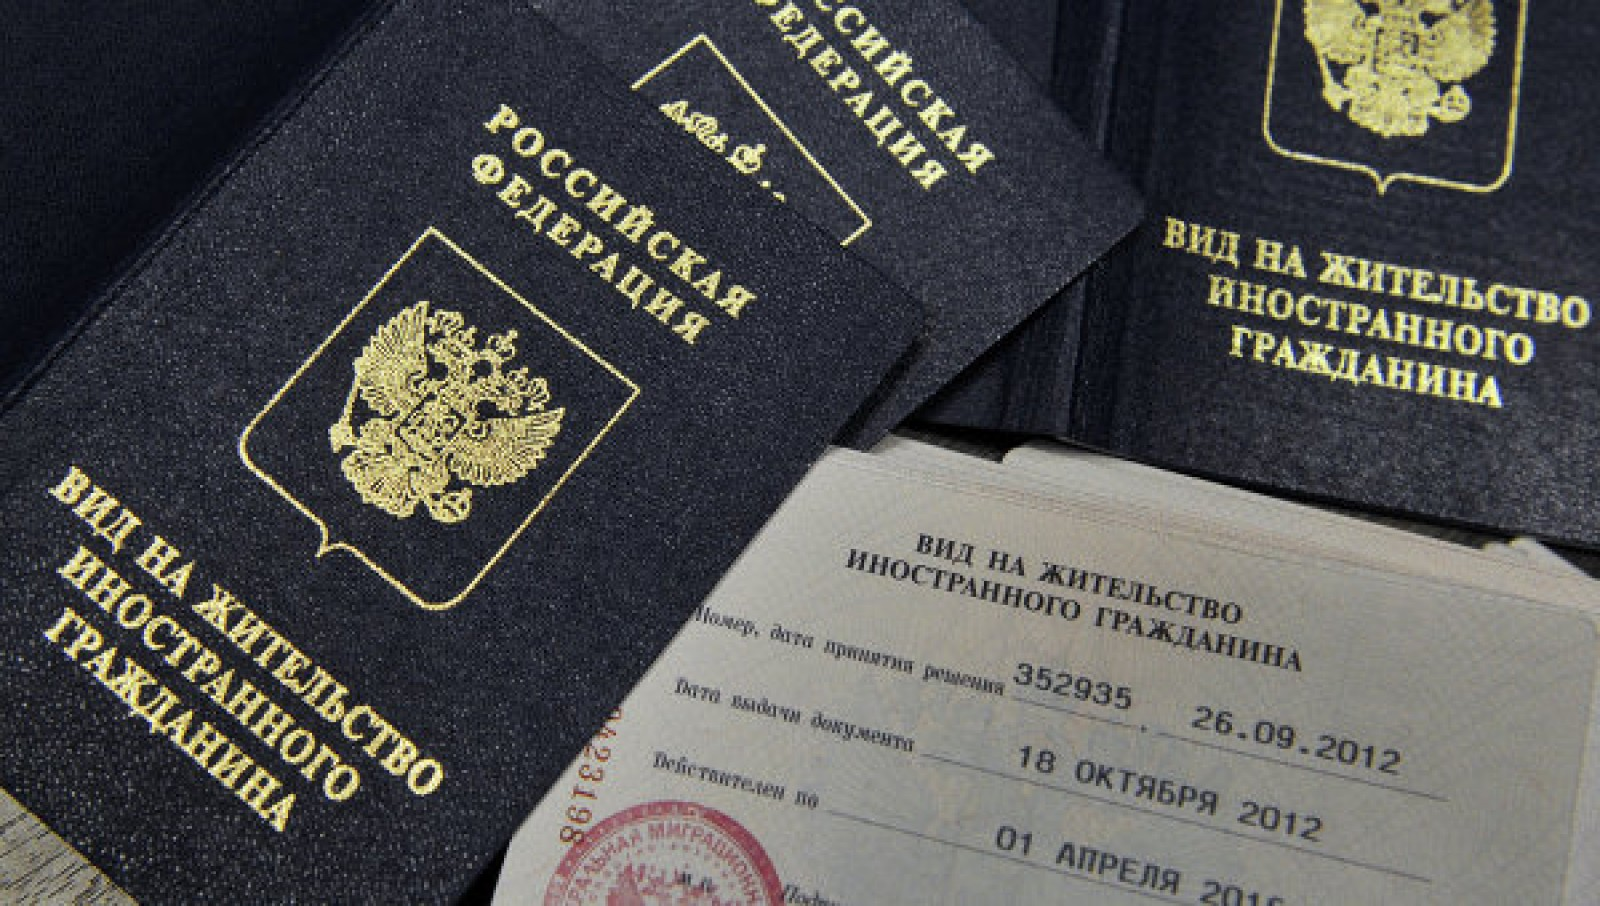 Как в россии сделать документ беженцам